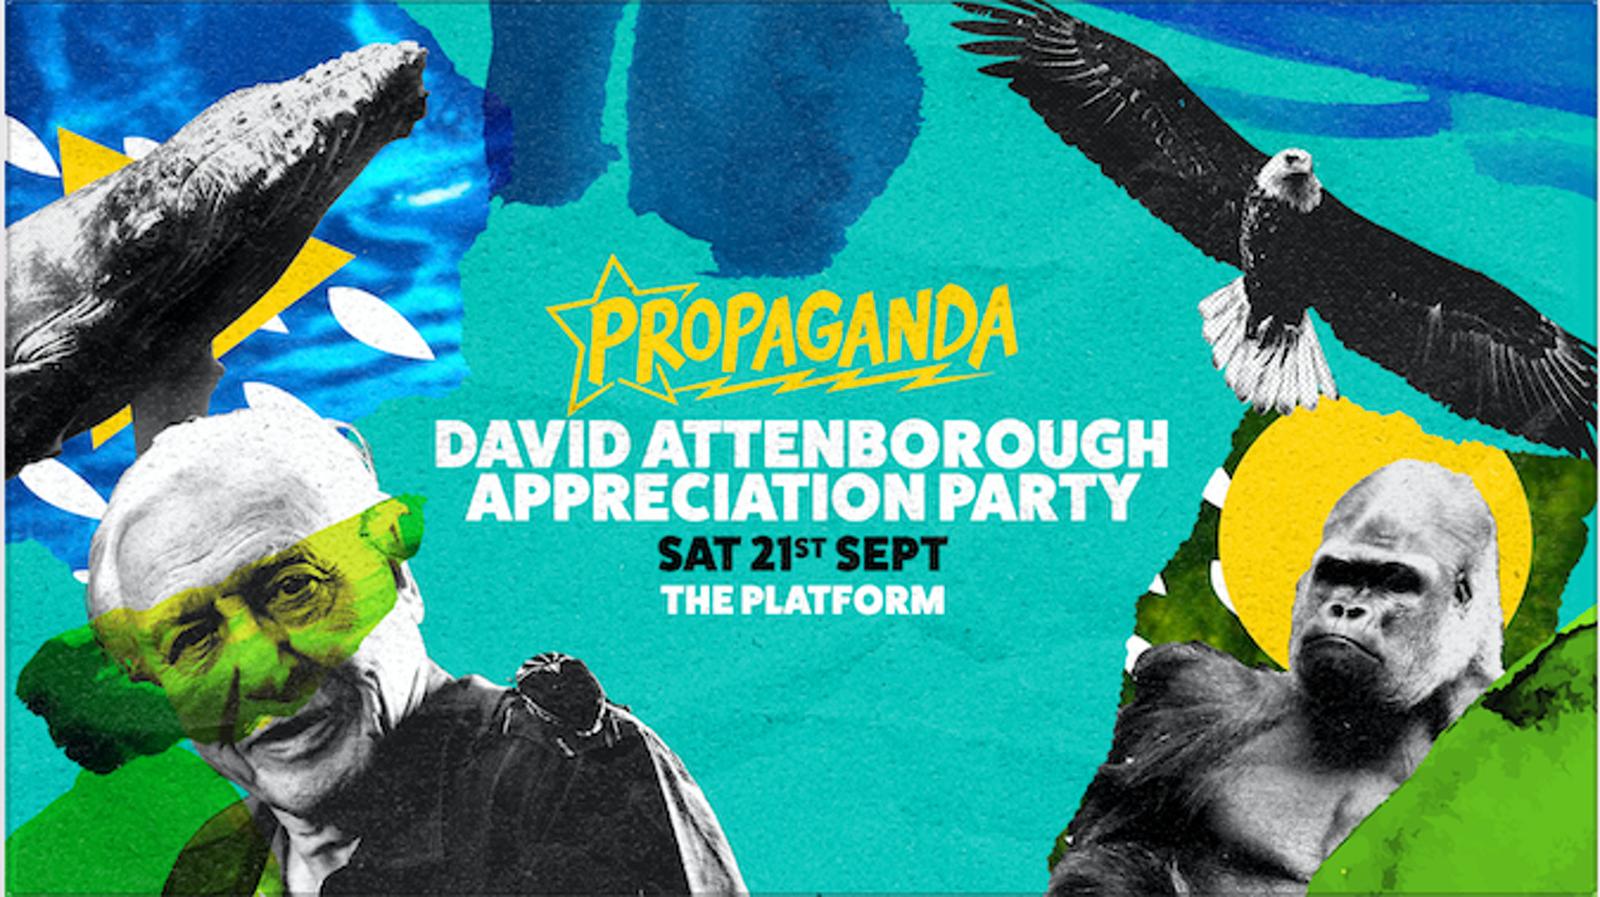 Propaganda Northampton – David Attenborough Appreciation Party!